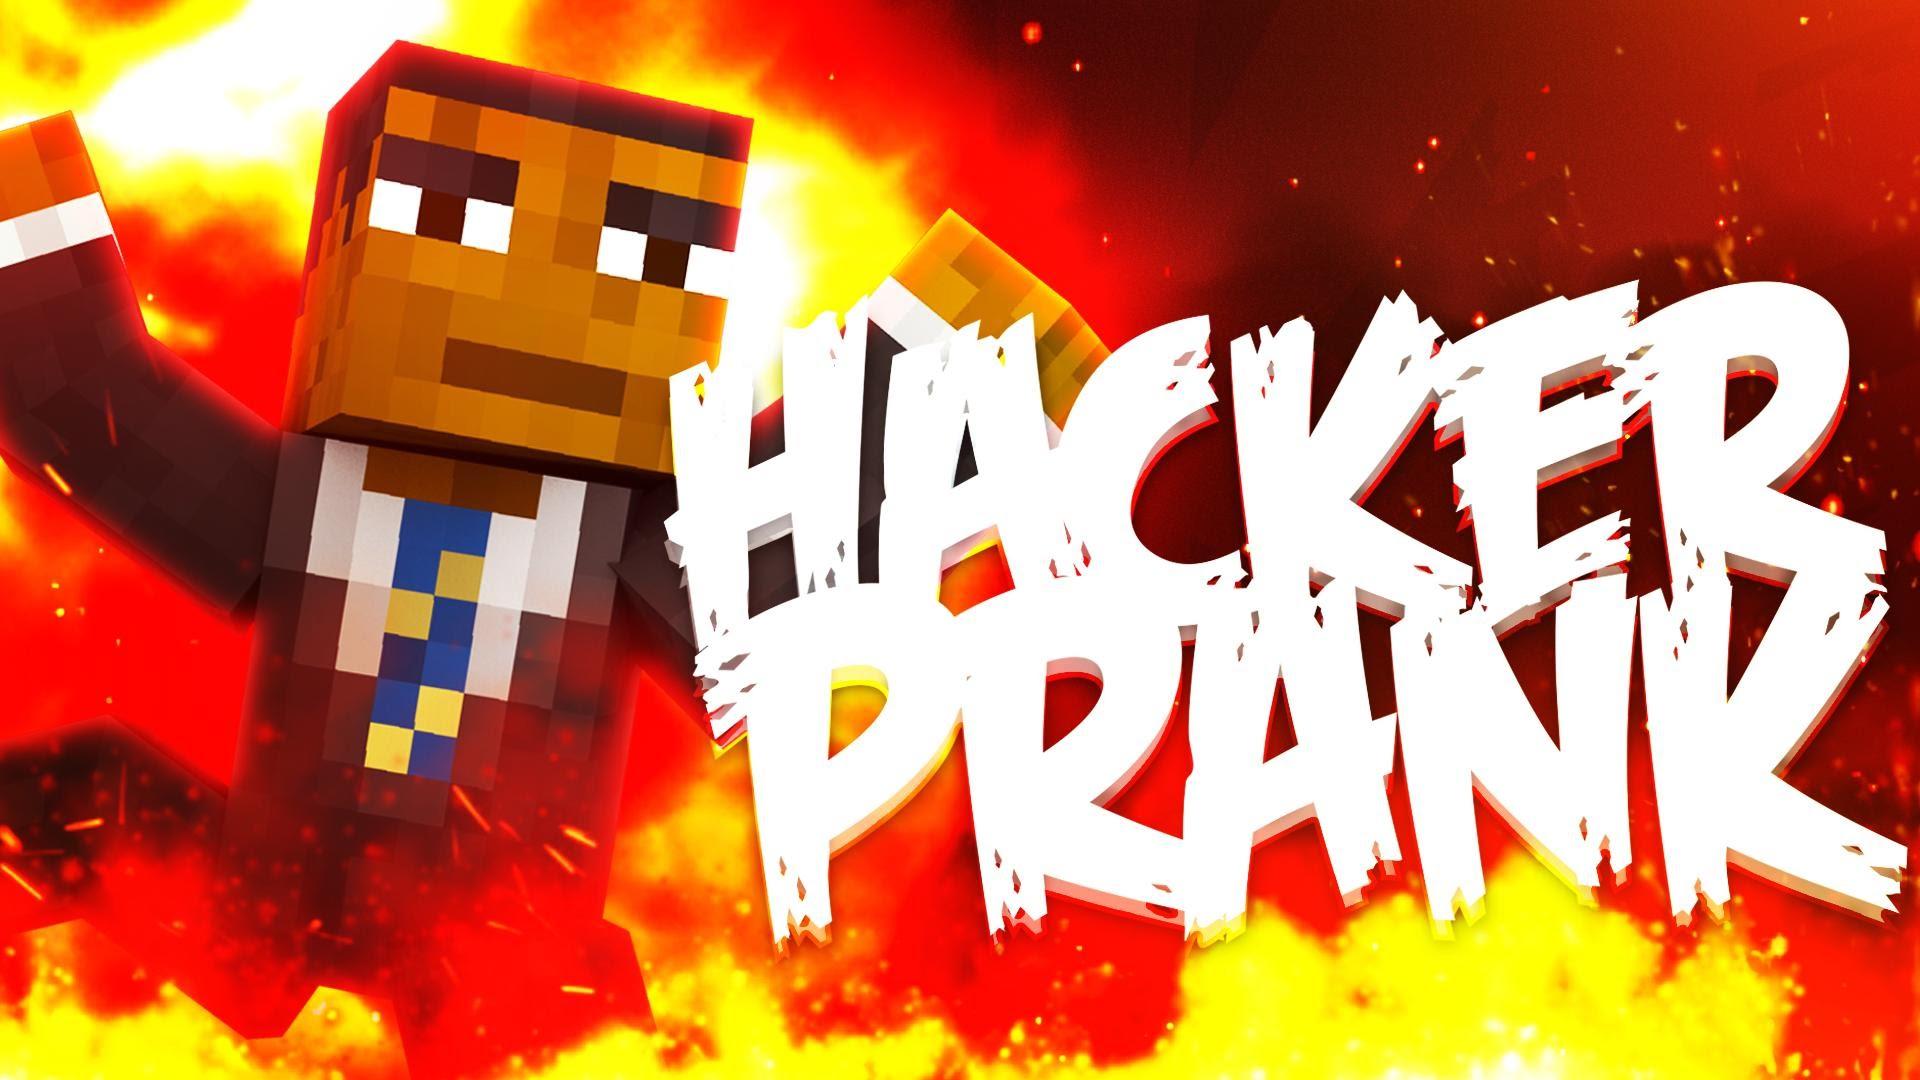 Hacker Website Prank